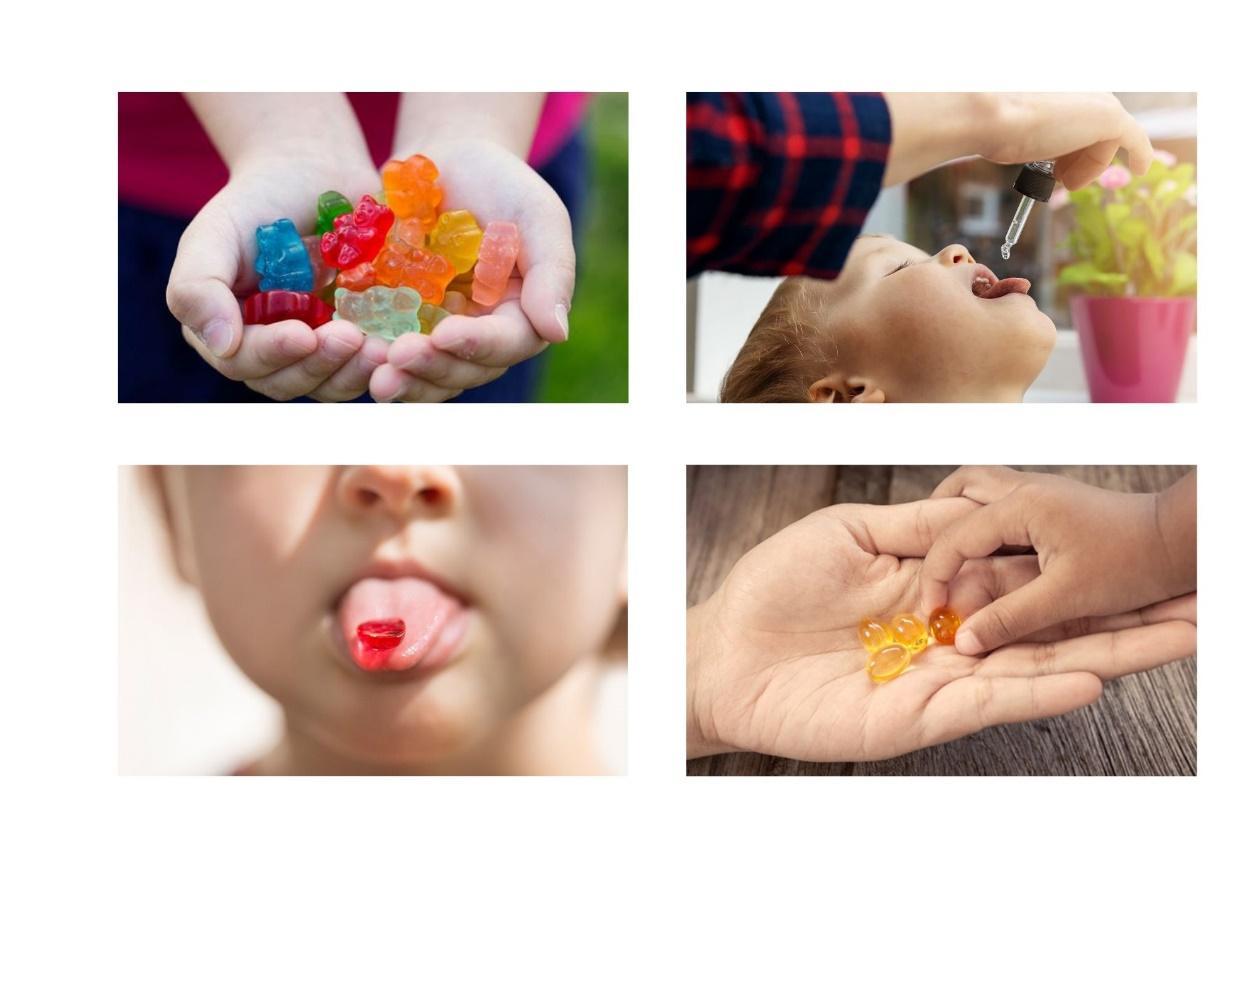 Có nhiều sản phẩm vitamin C khác nhau trên thị trường